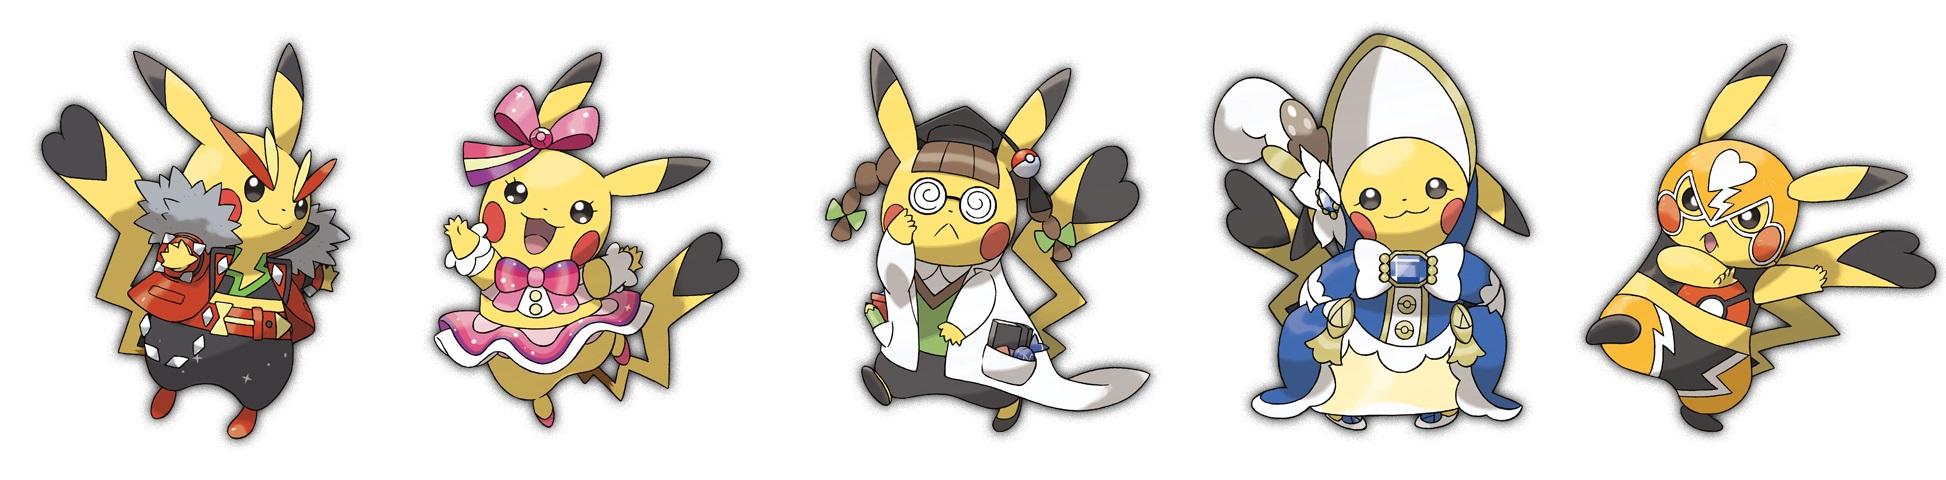 Pokemon-ROSA-Pikachu-Cosplayeur